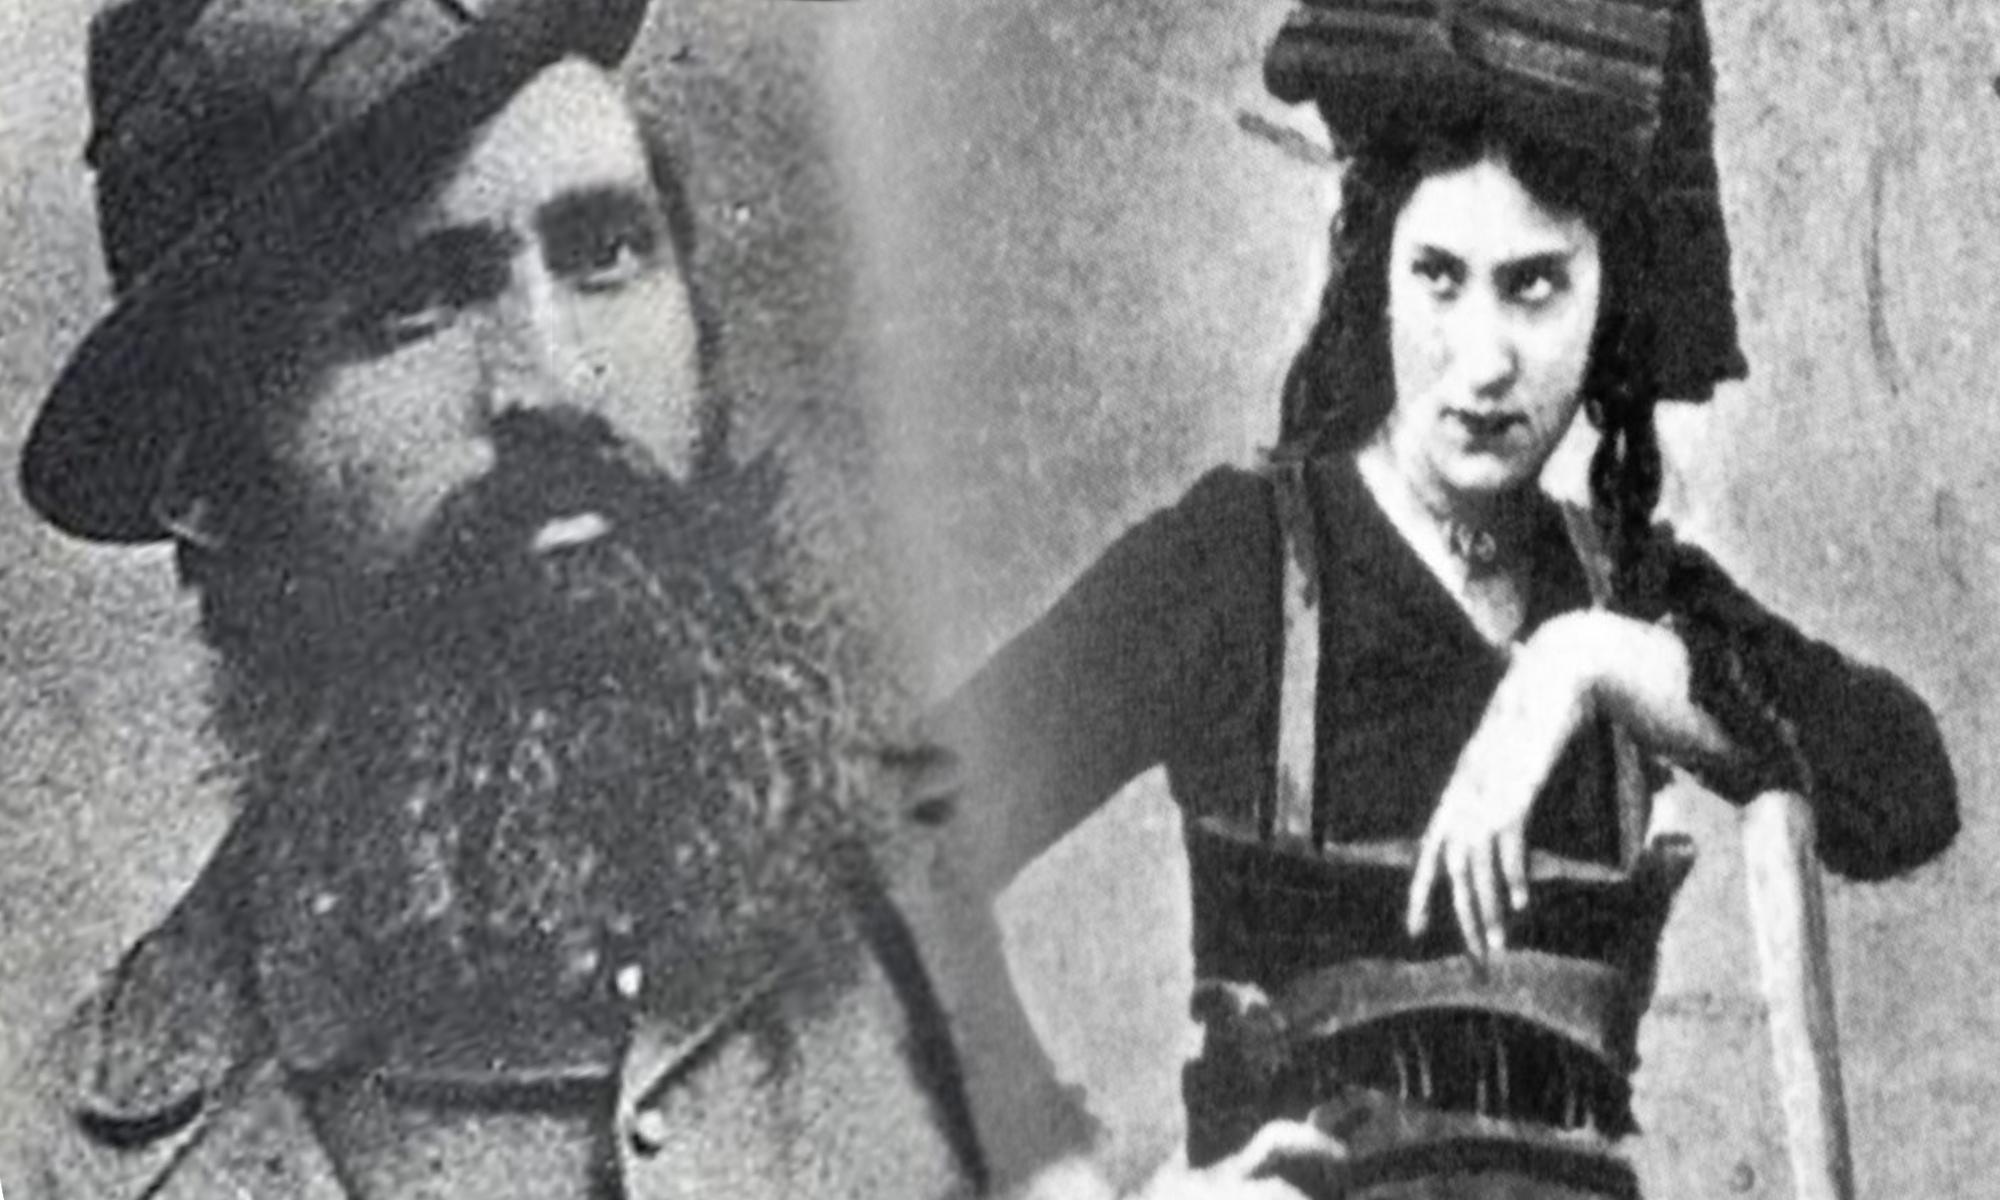 La vita del grande 'brigante' (o patriota del Sud?) Carmine Crocco